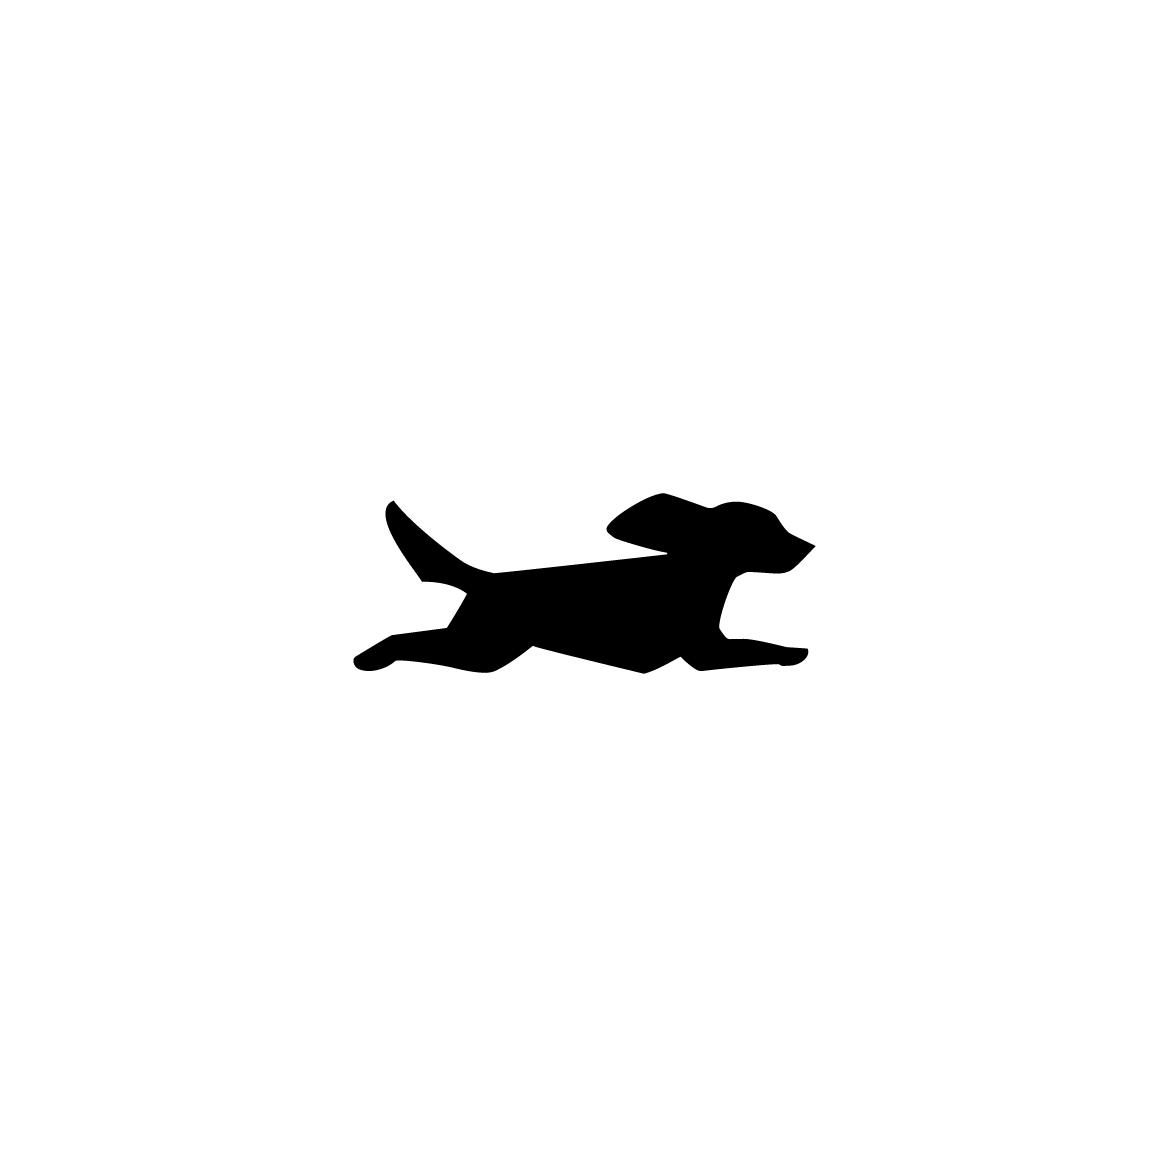 Design Hound